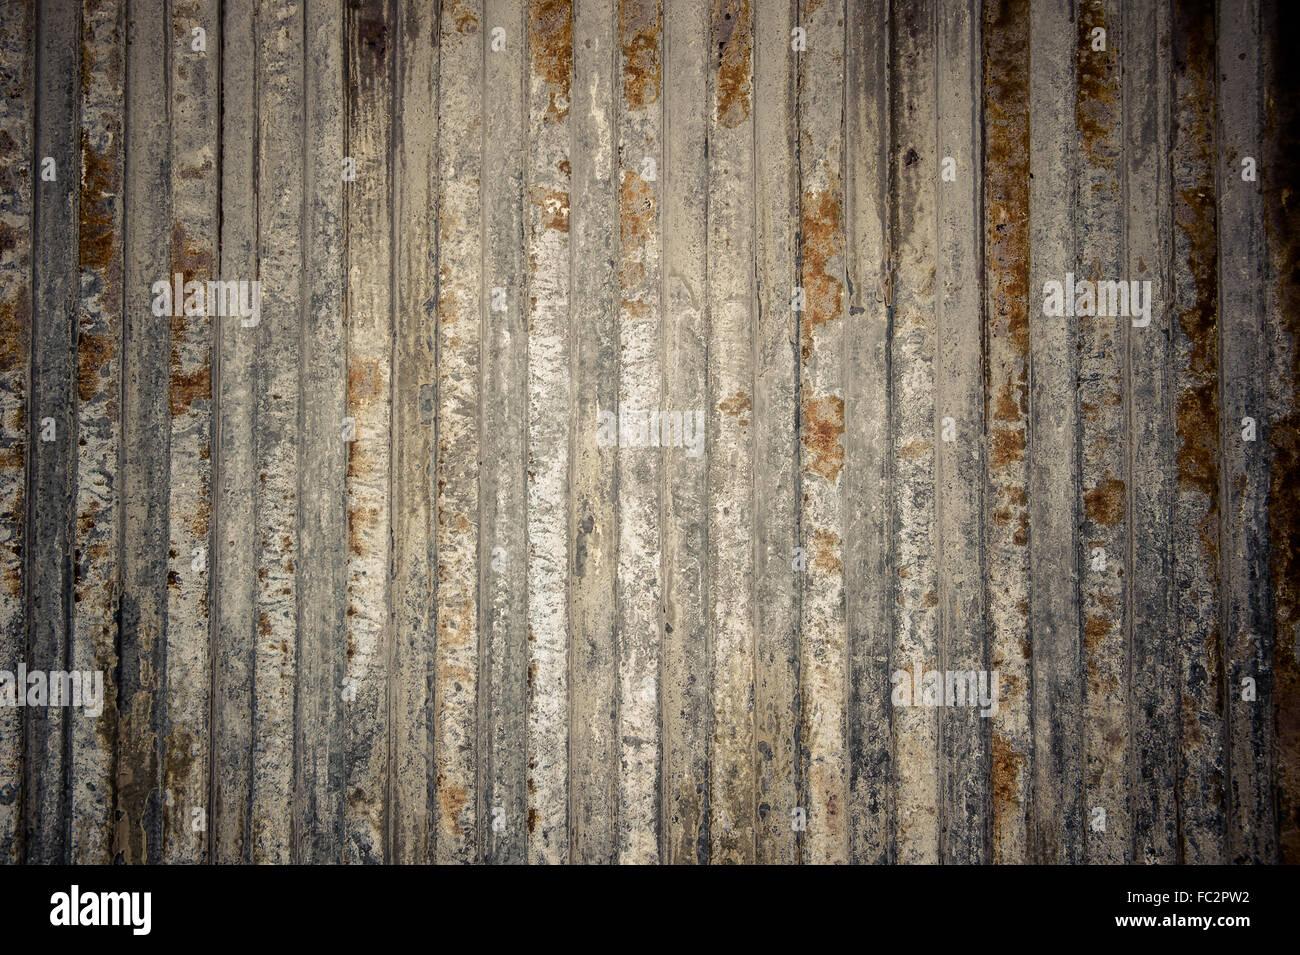 sehr detailliertes Bild des Grunge Hintergrund Stockbild